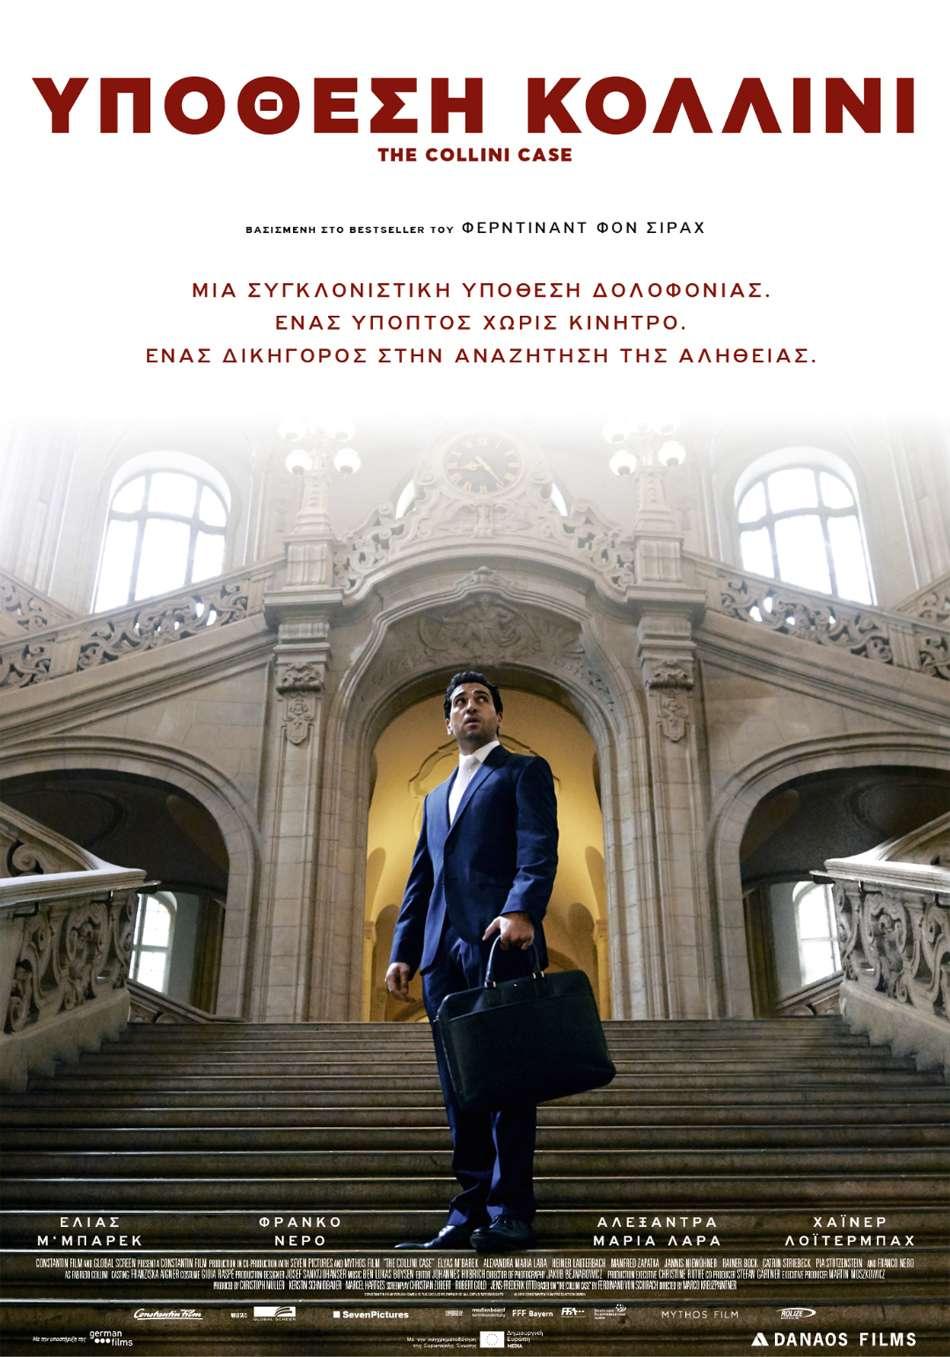 Υπόθεση Κολλίνι (Der Fall Collini / The Collini Case) Poster Πόστερ